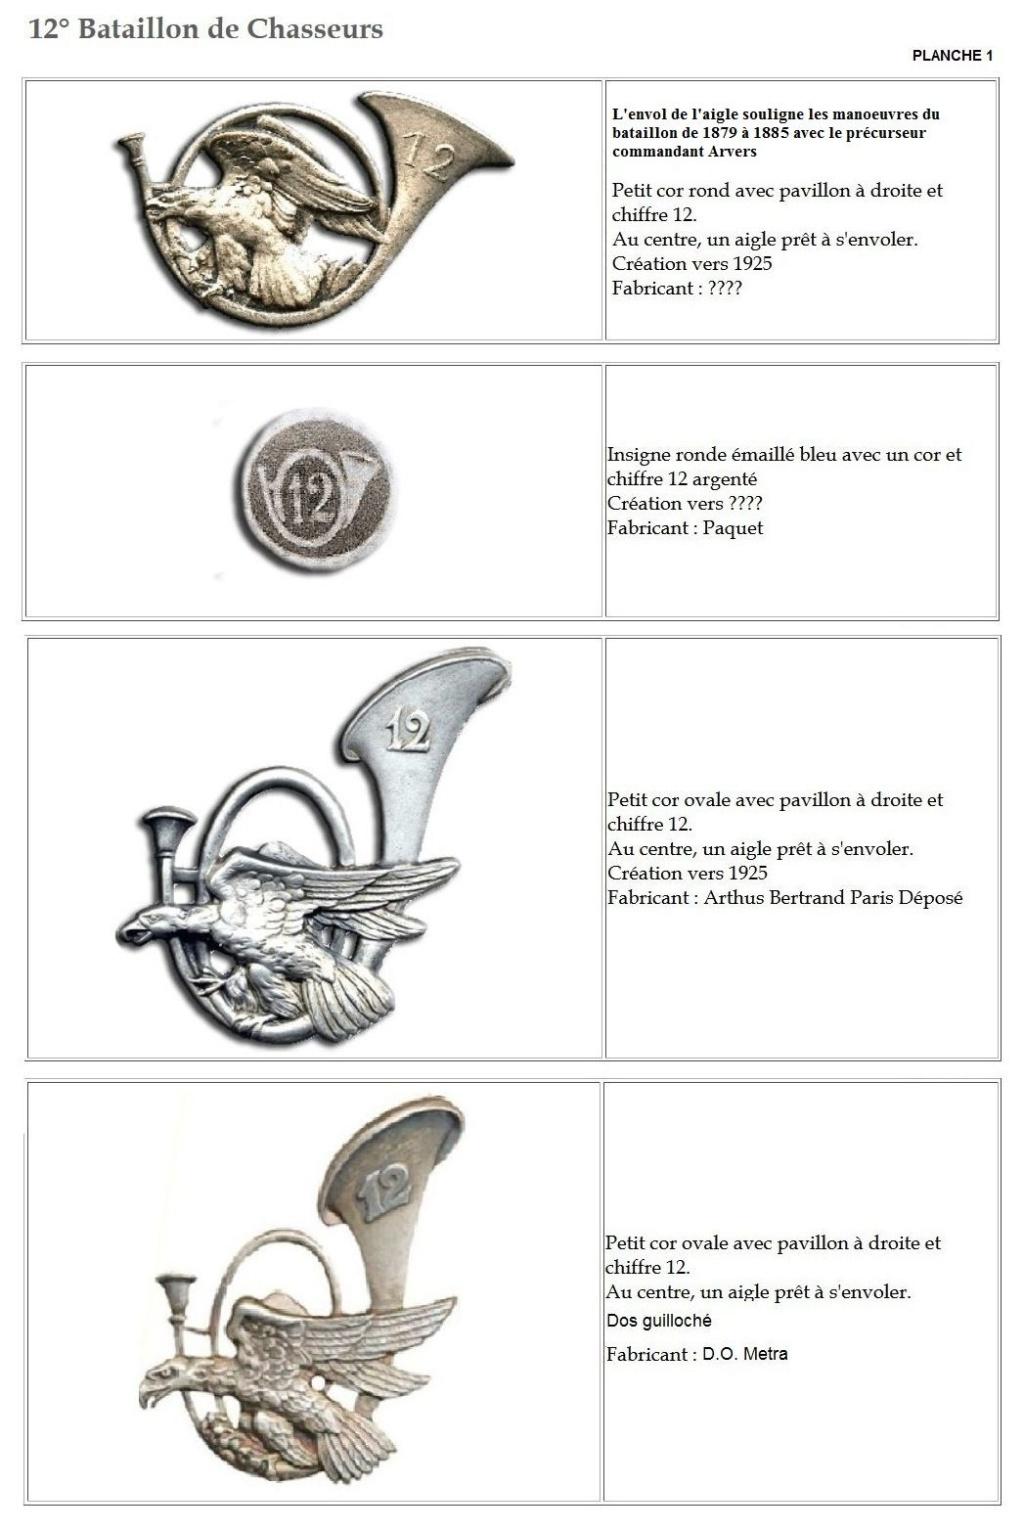 Les insignes de bataillons- Mise à jour... - Page 2 12e_pl14